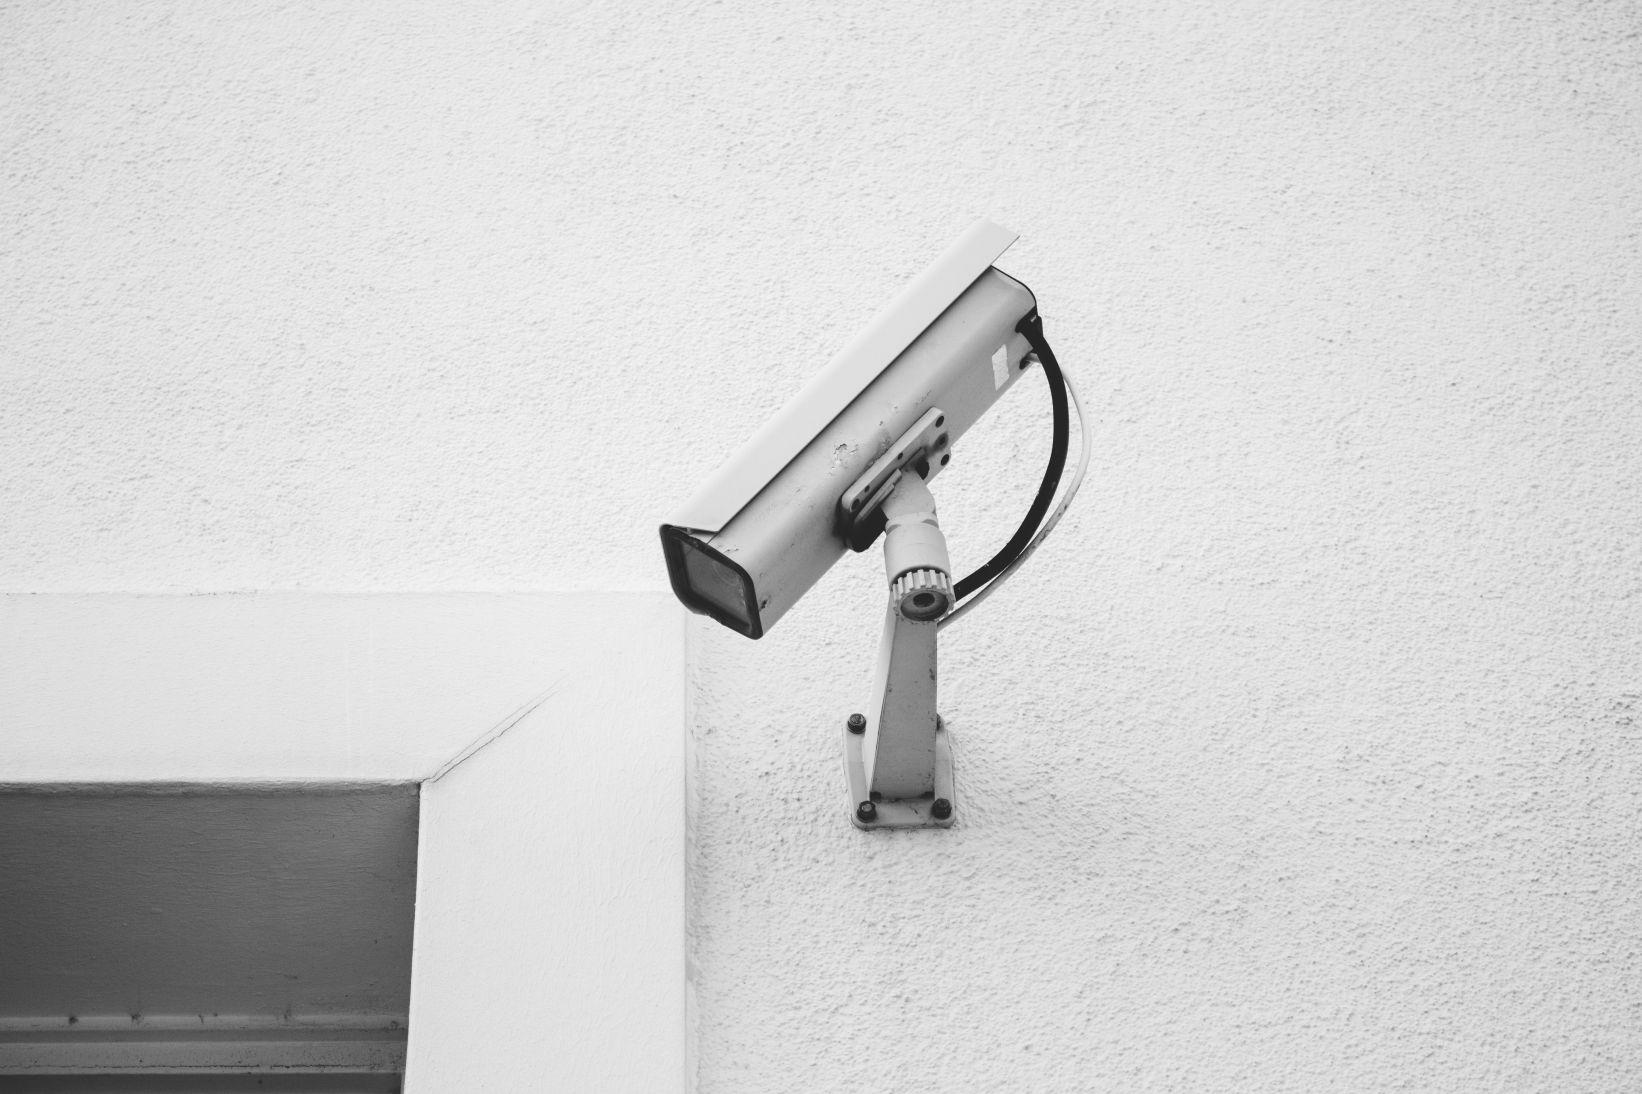 sisteme-supraveghere-mentenanta